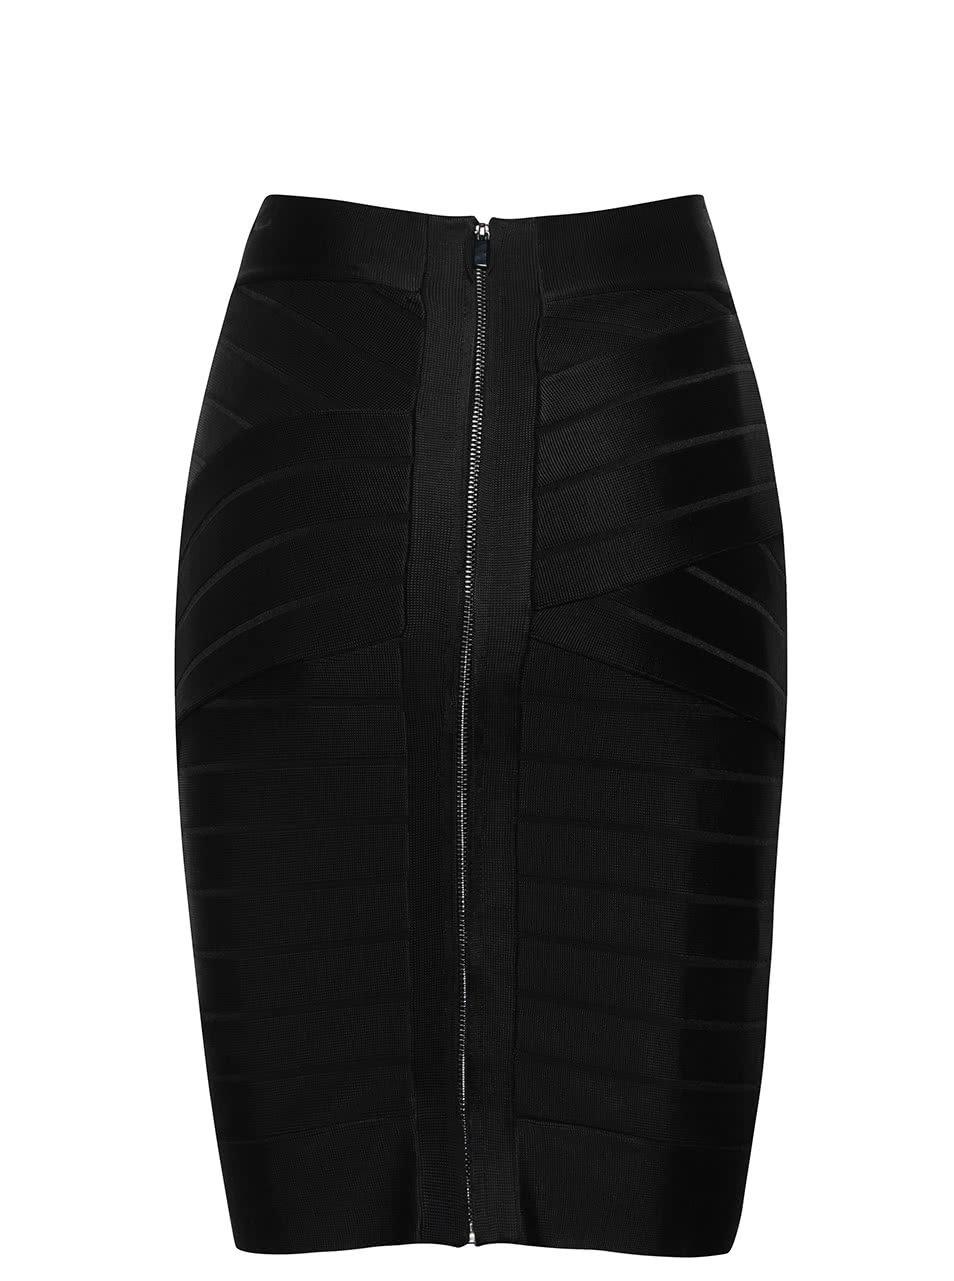 Černá elastická sukně se zipem French Connection Spotlight ... ce73cda4bd